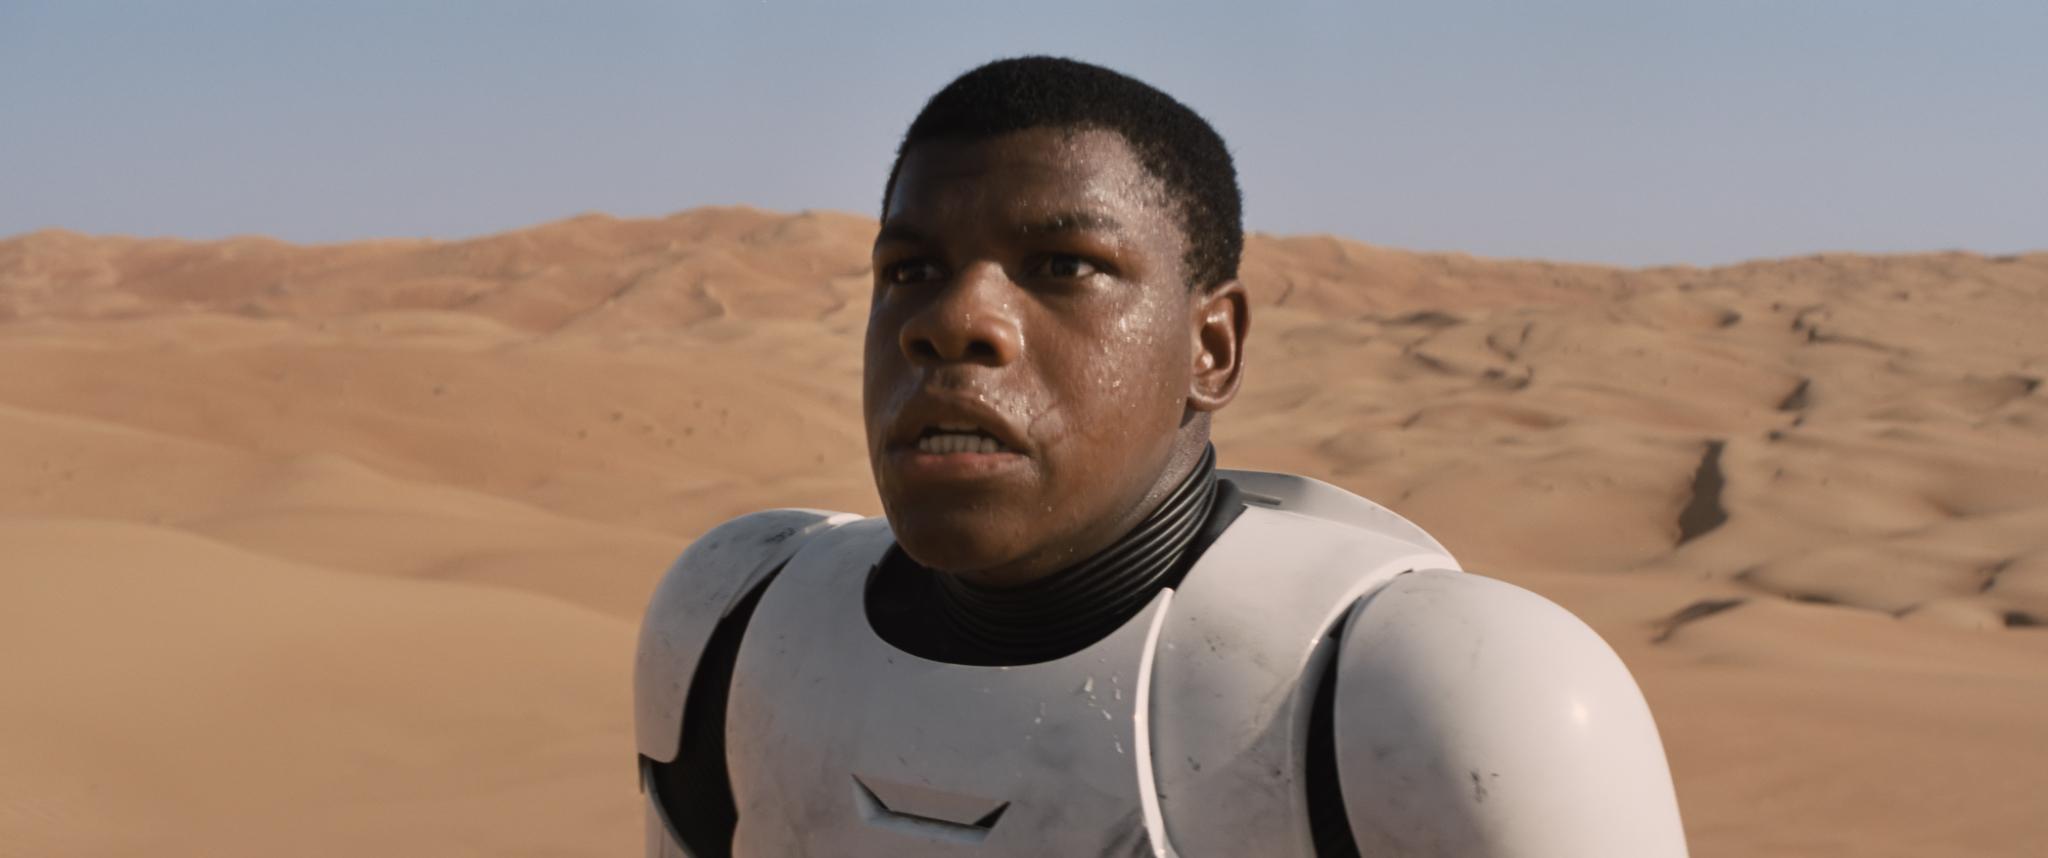 Foto de 'Star Wars: El Despertar de la Fuerza', primeras imágenes oficiales (1/4)